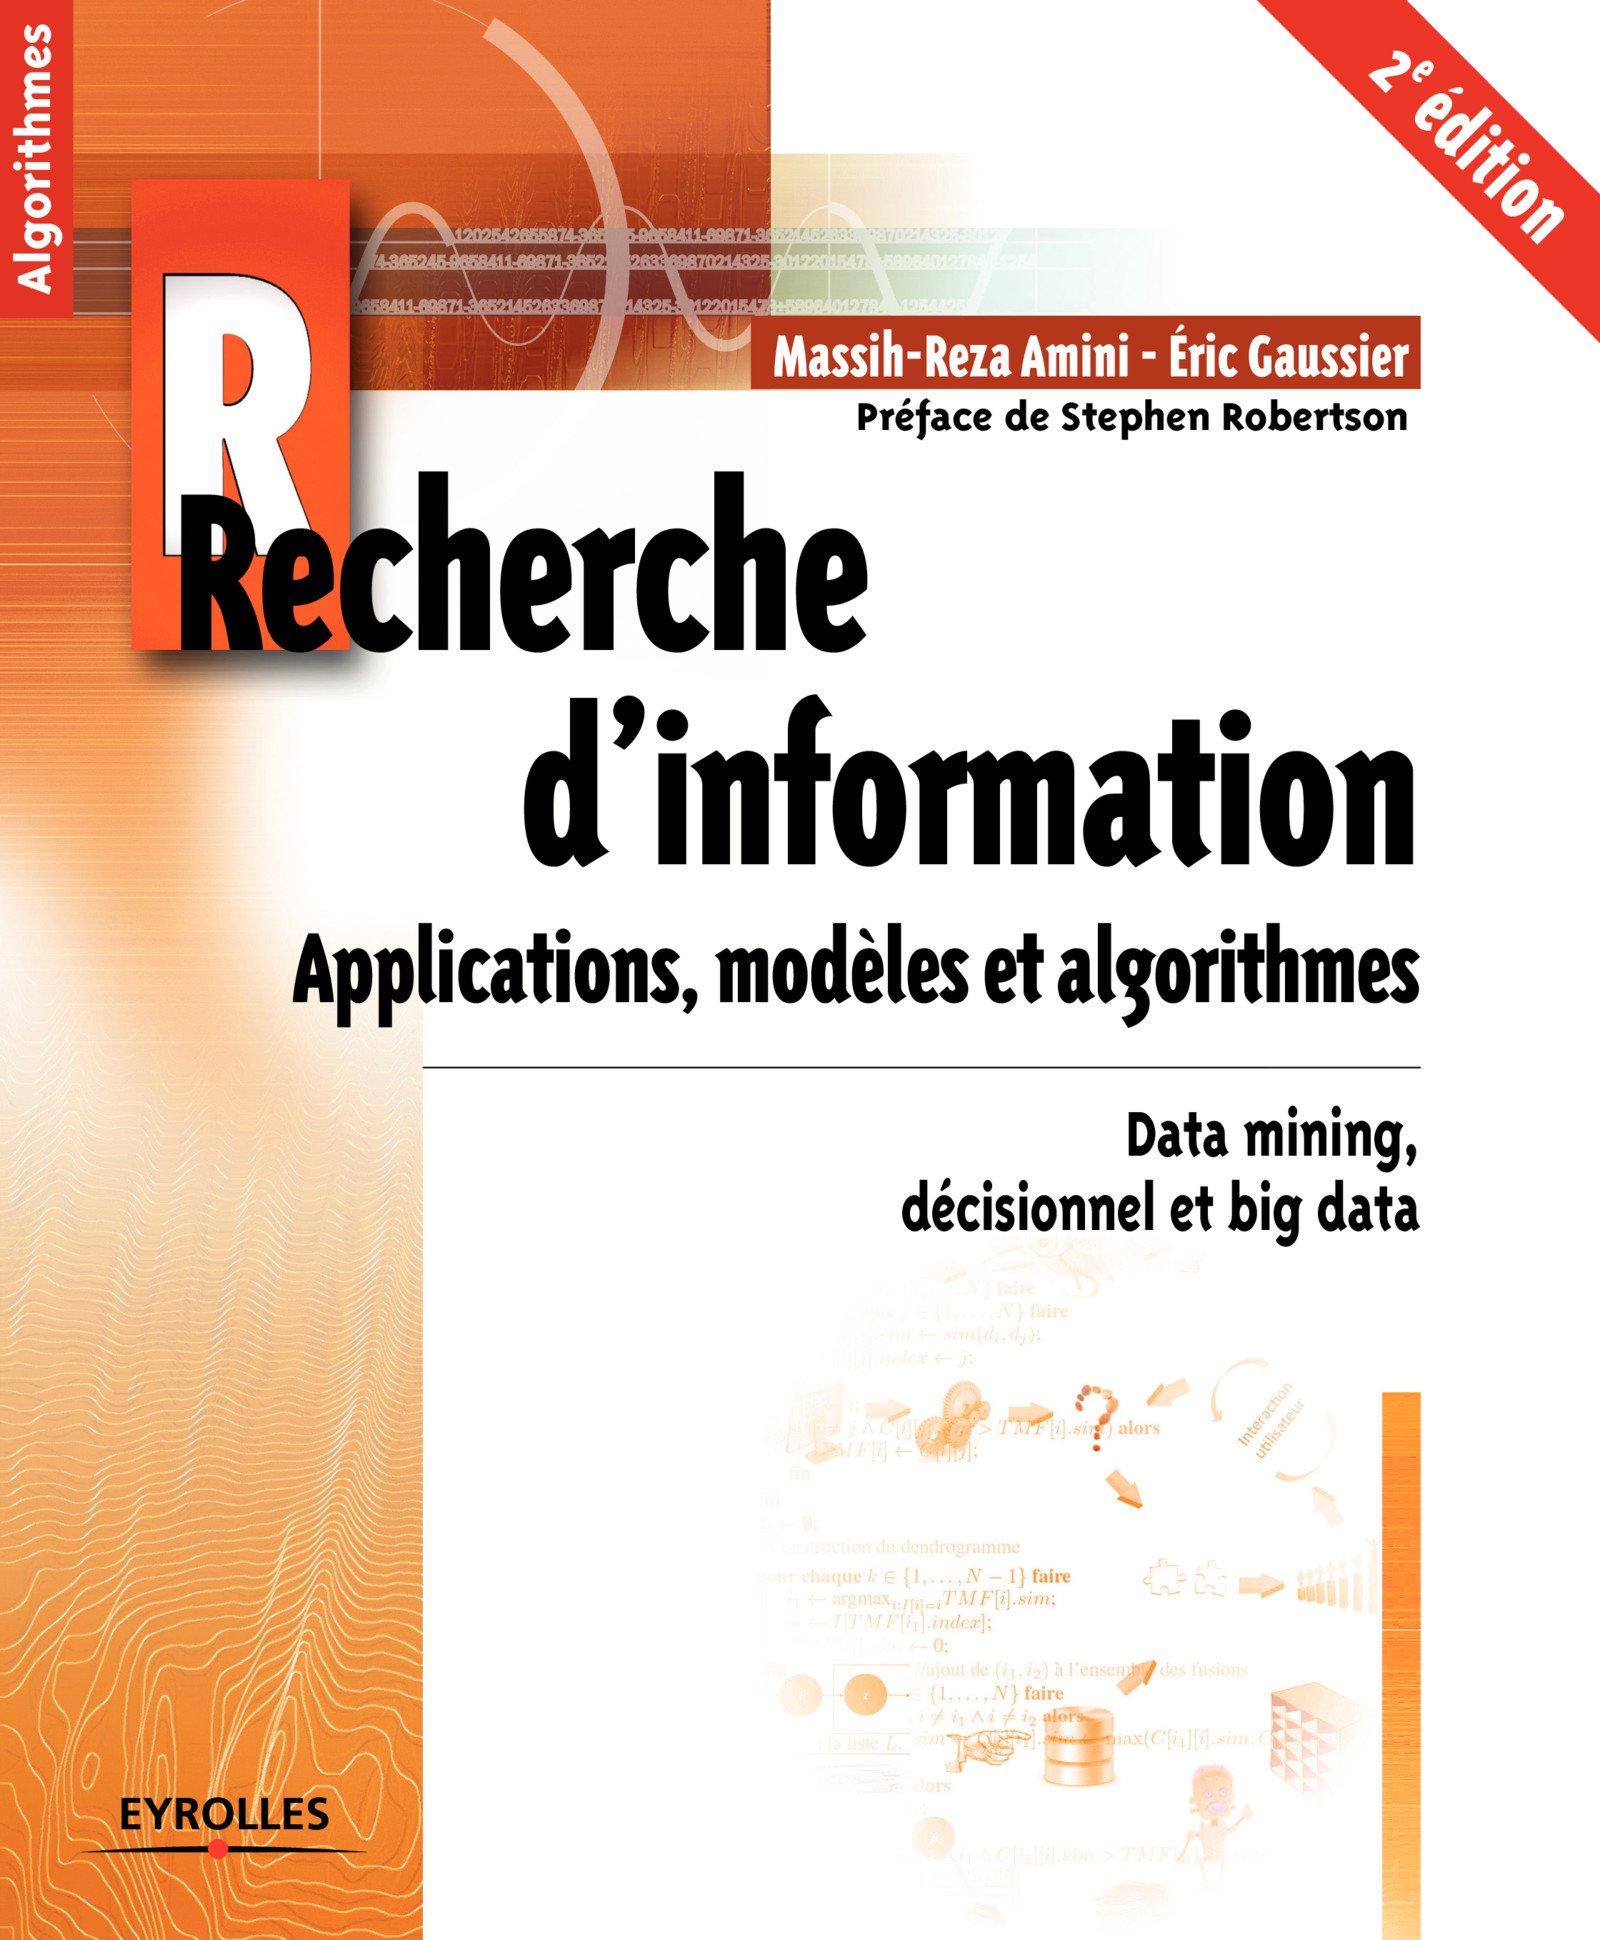 Recherche d'information - Applications, modèles et algorithmes: Data mining, décisionnel et big data Broché – 3 janvier 2017 Éric Gaussier Massih-Reza Amini Eyrolles 2212673760